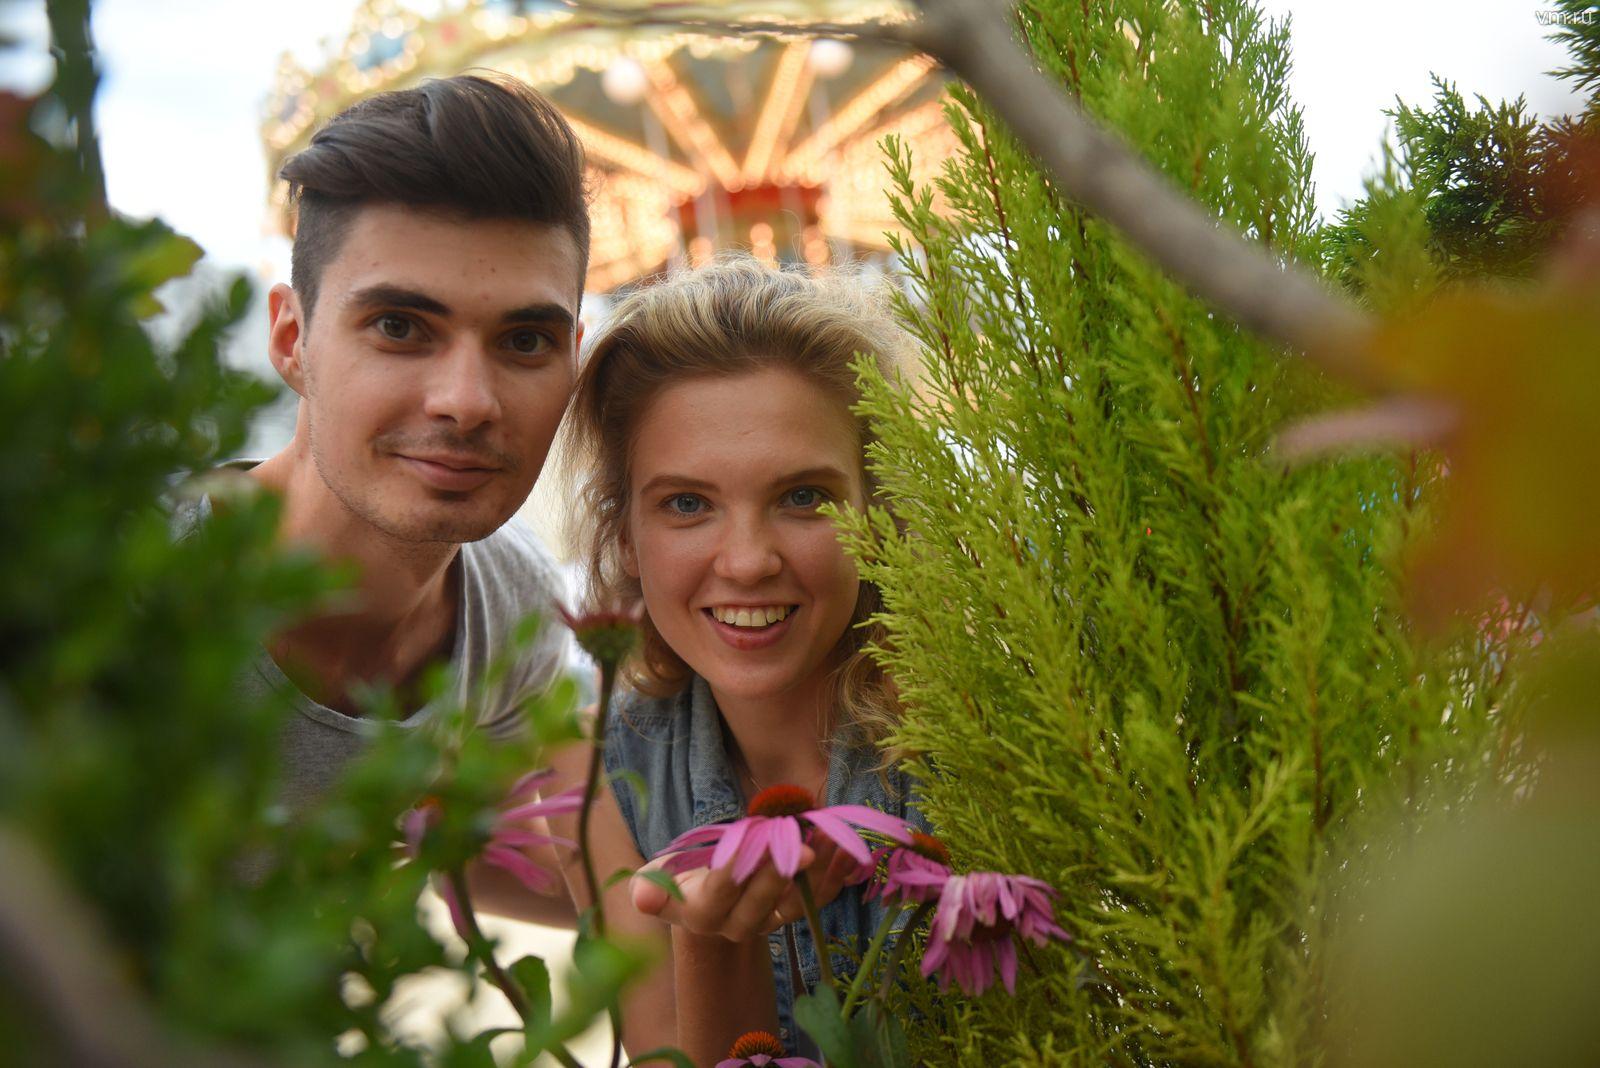 Музей-заповедник «Коломенское» вошел в топ-10 самых романтичных мест Москвы